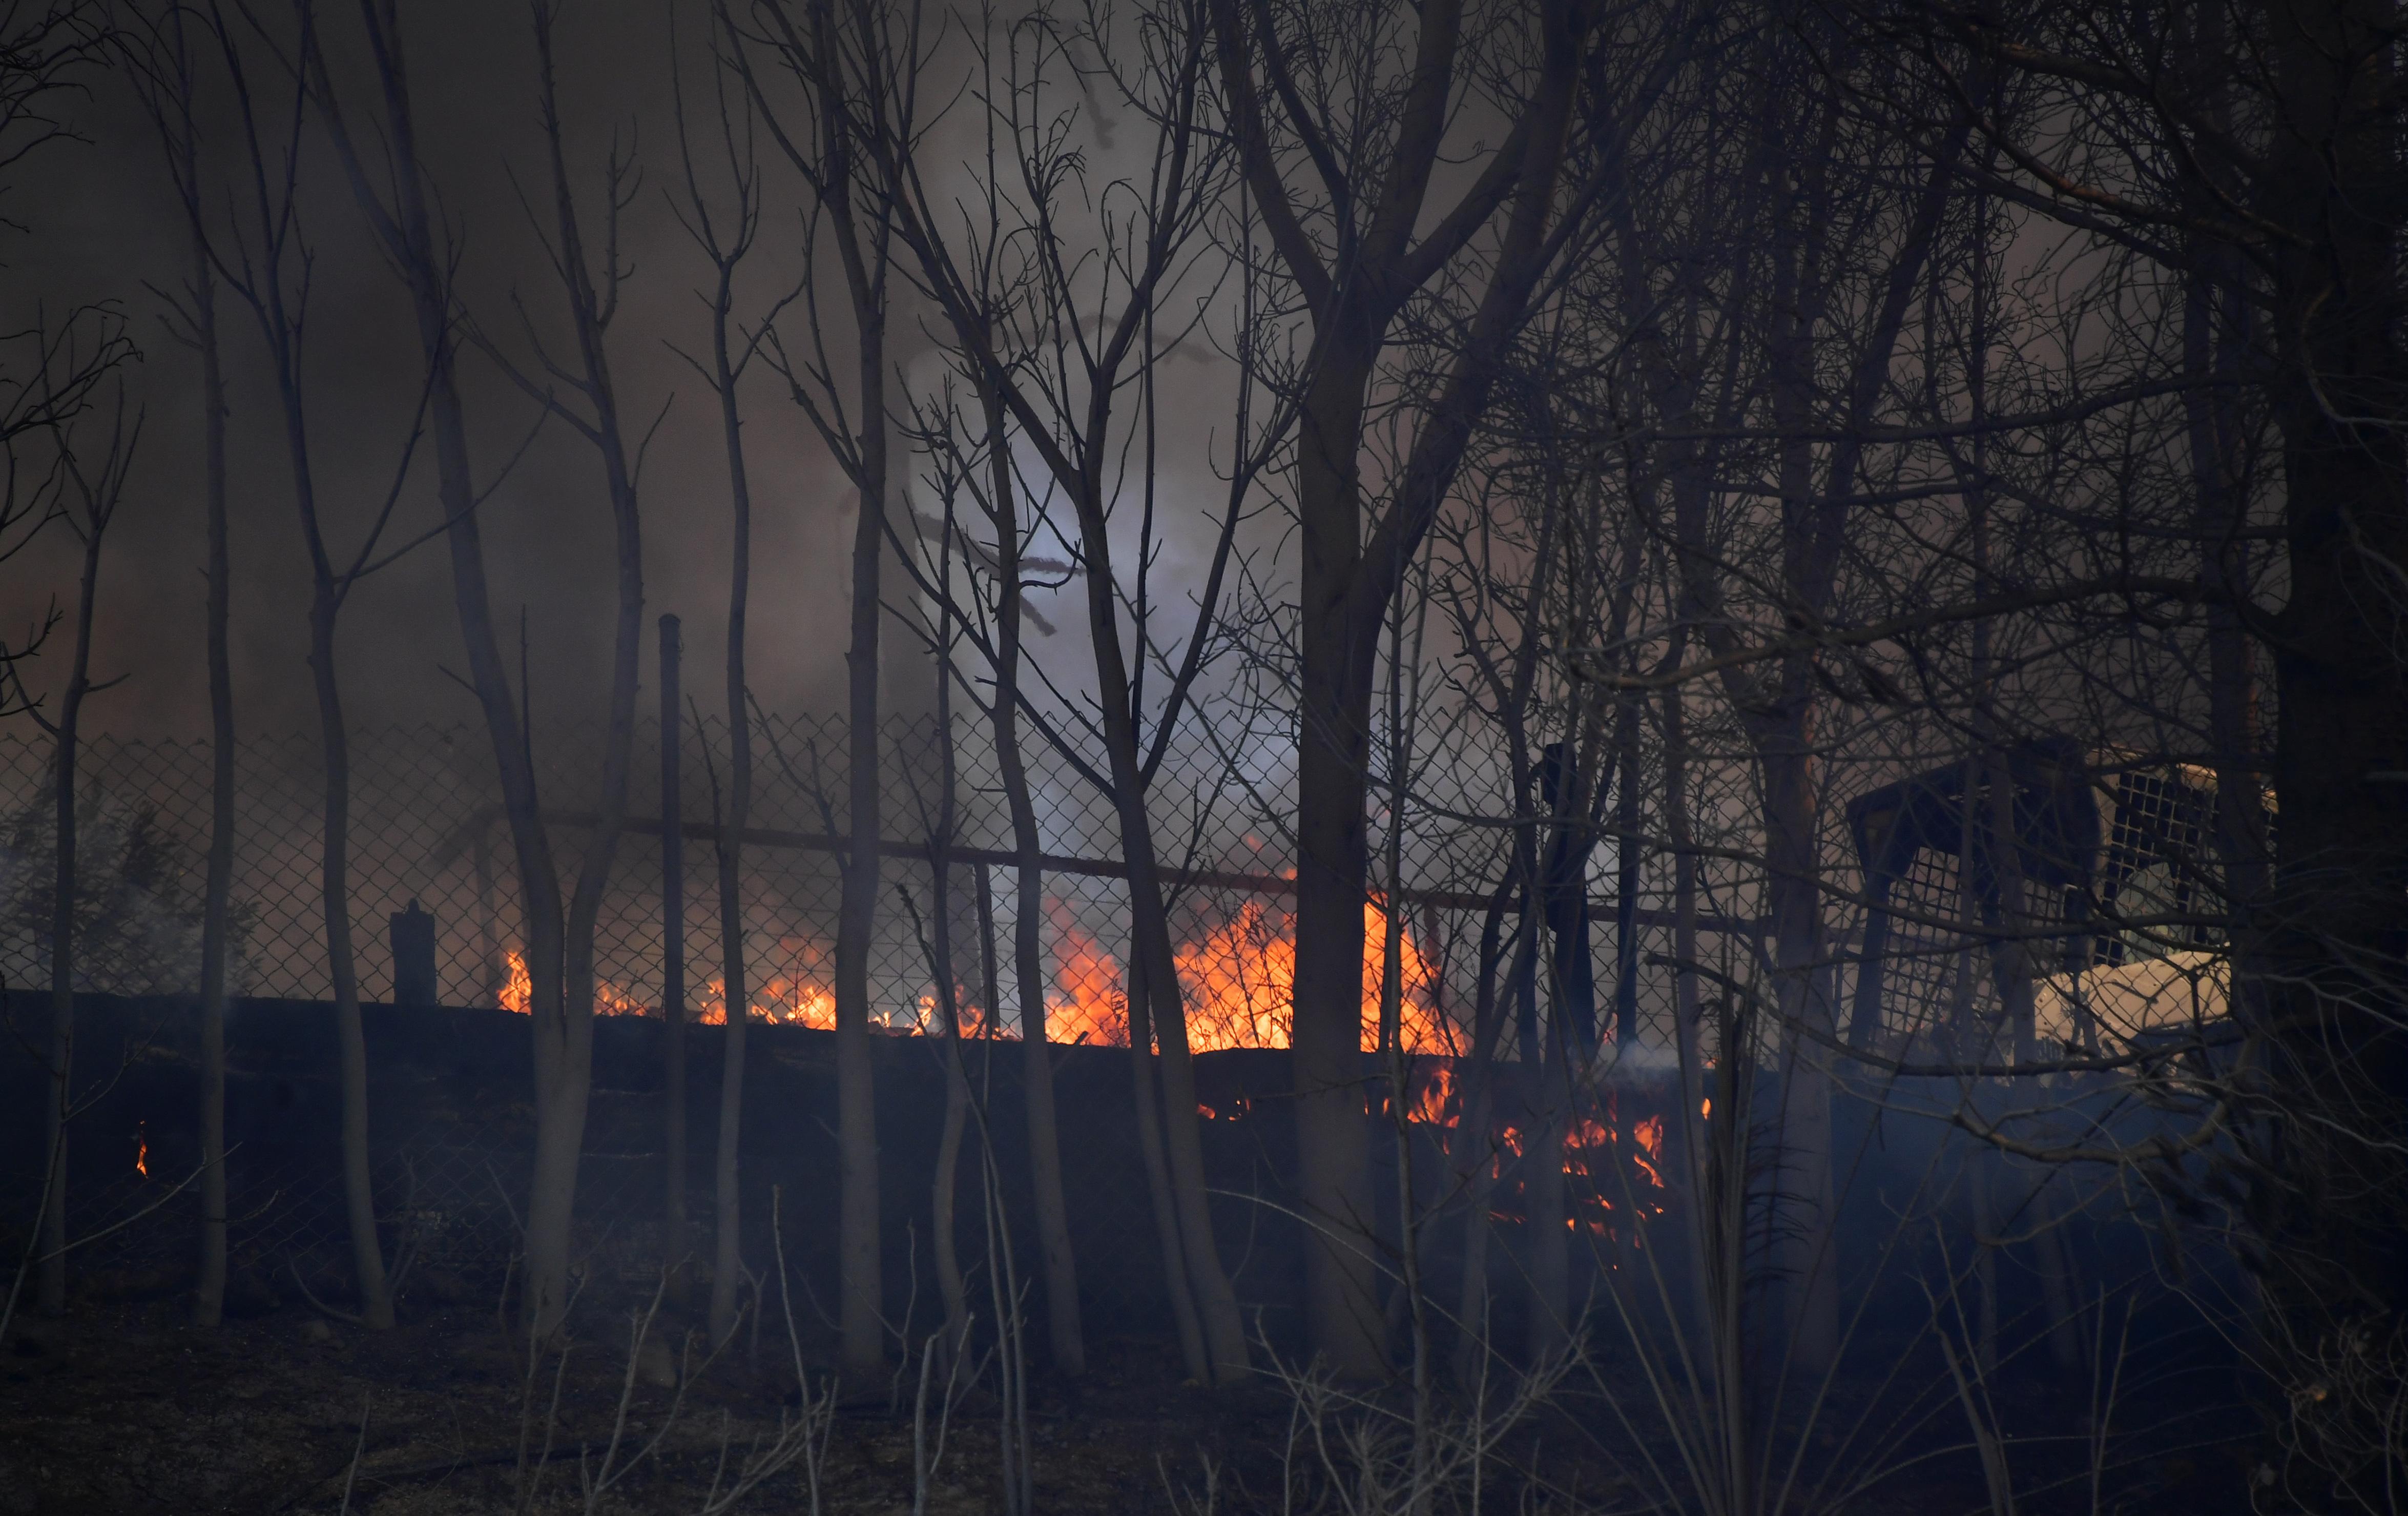 أحد المنازل يحترق في بيل أير بلوس أنجليس